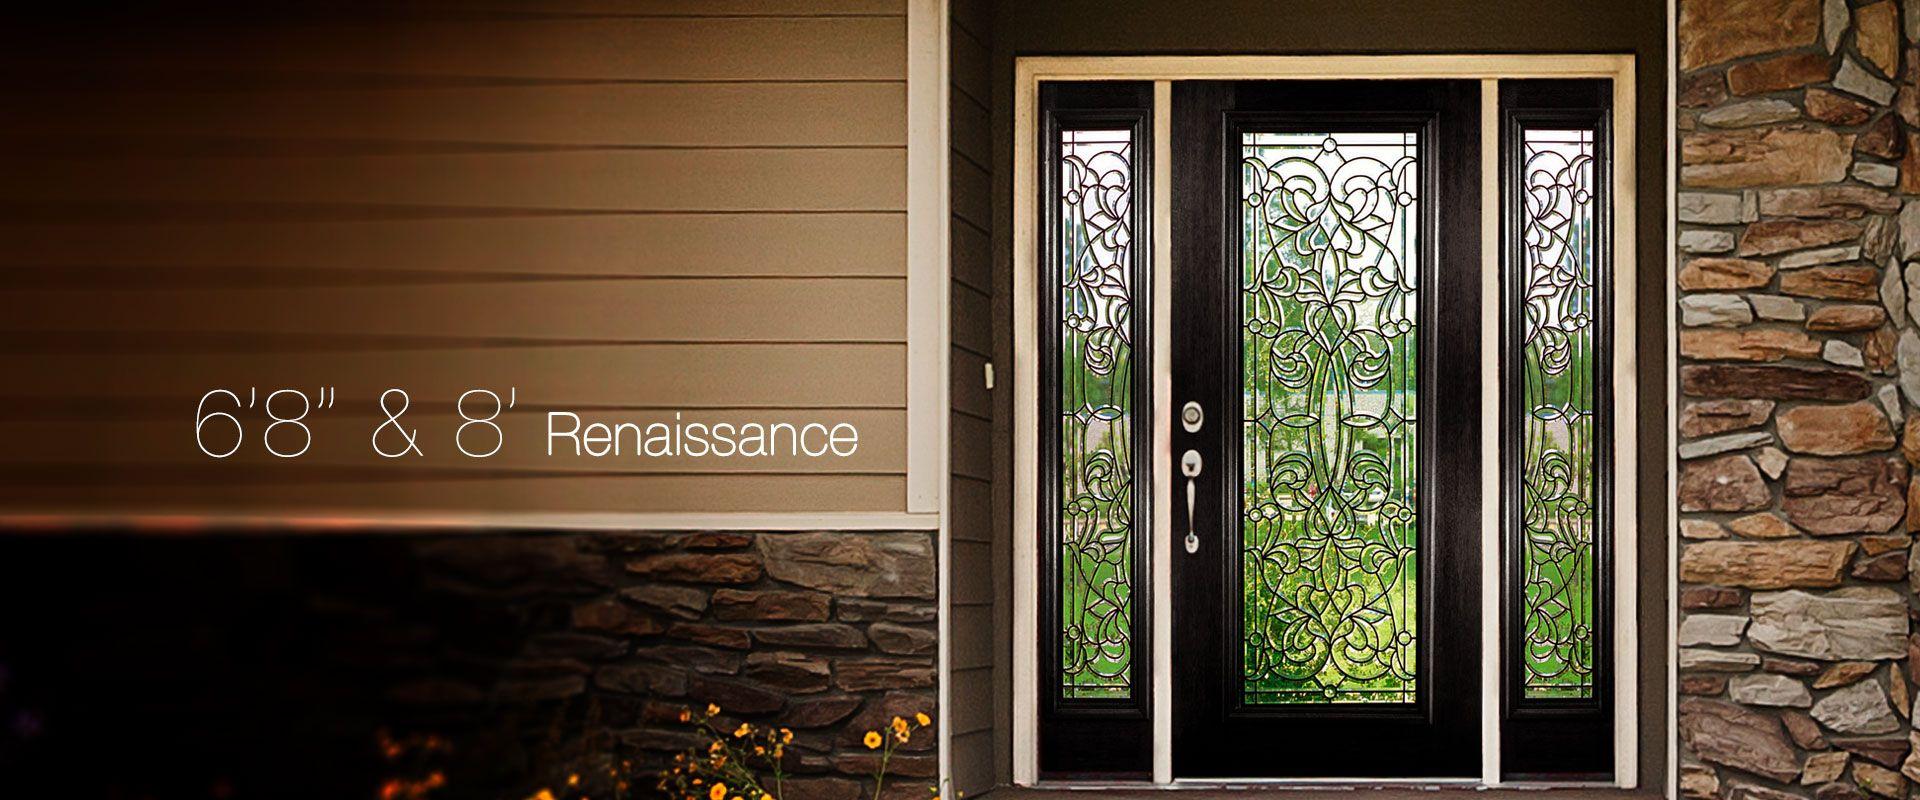 Bevel King Doors   Exterior Renaissance Doors & Bevel King Doors   Exterior Renaissance Doors   Bevel King Doors ...